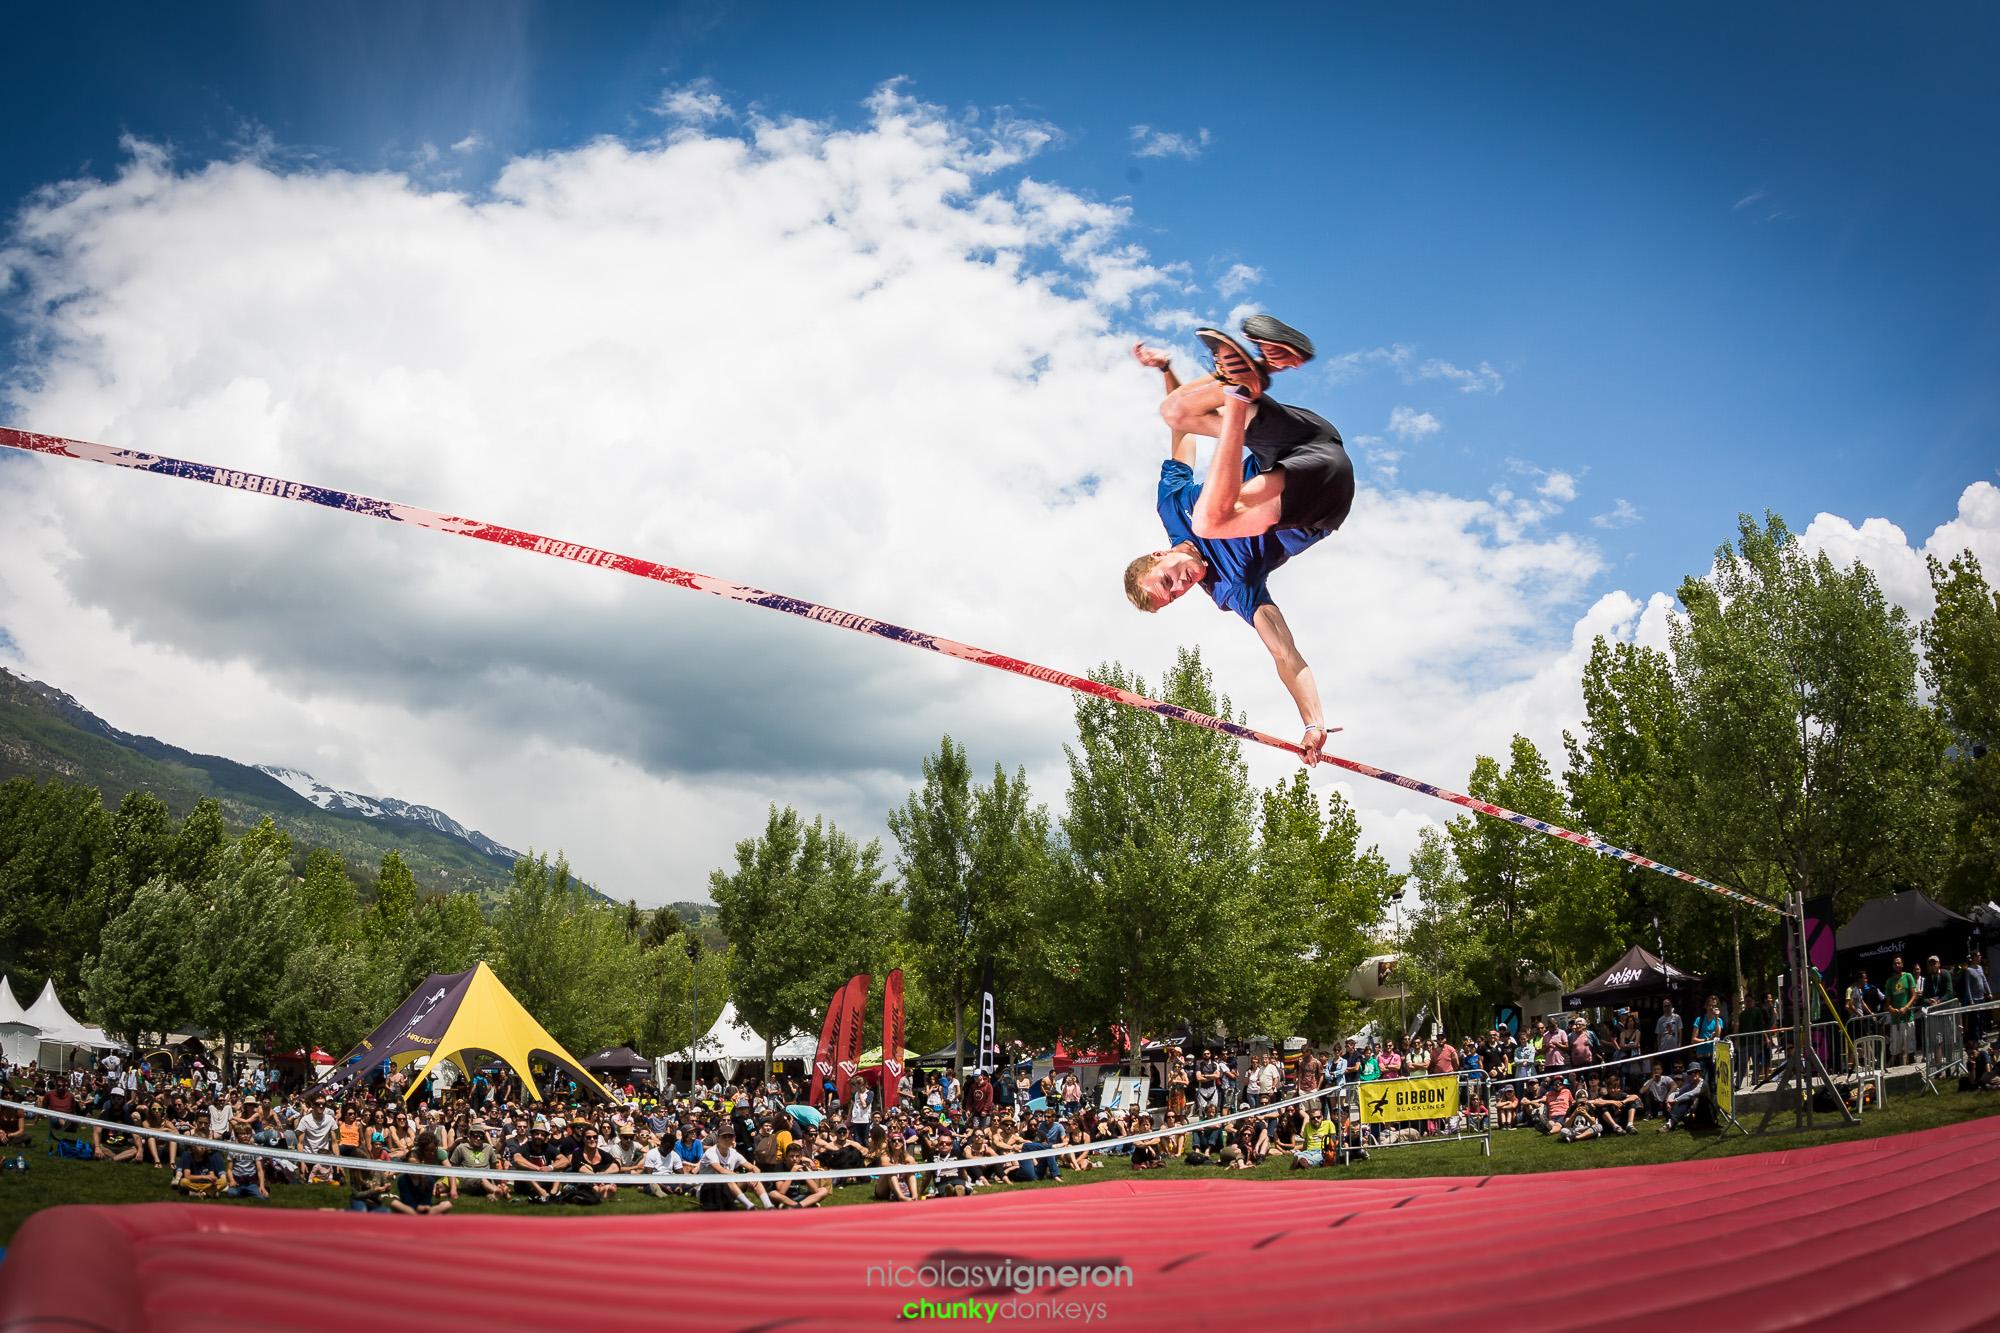 Marius Kitowski bei einem Salto auf einer Slackline Show